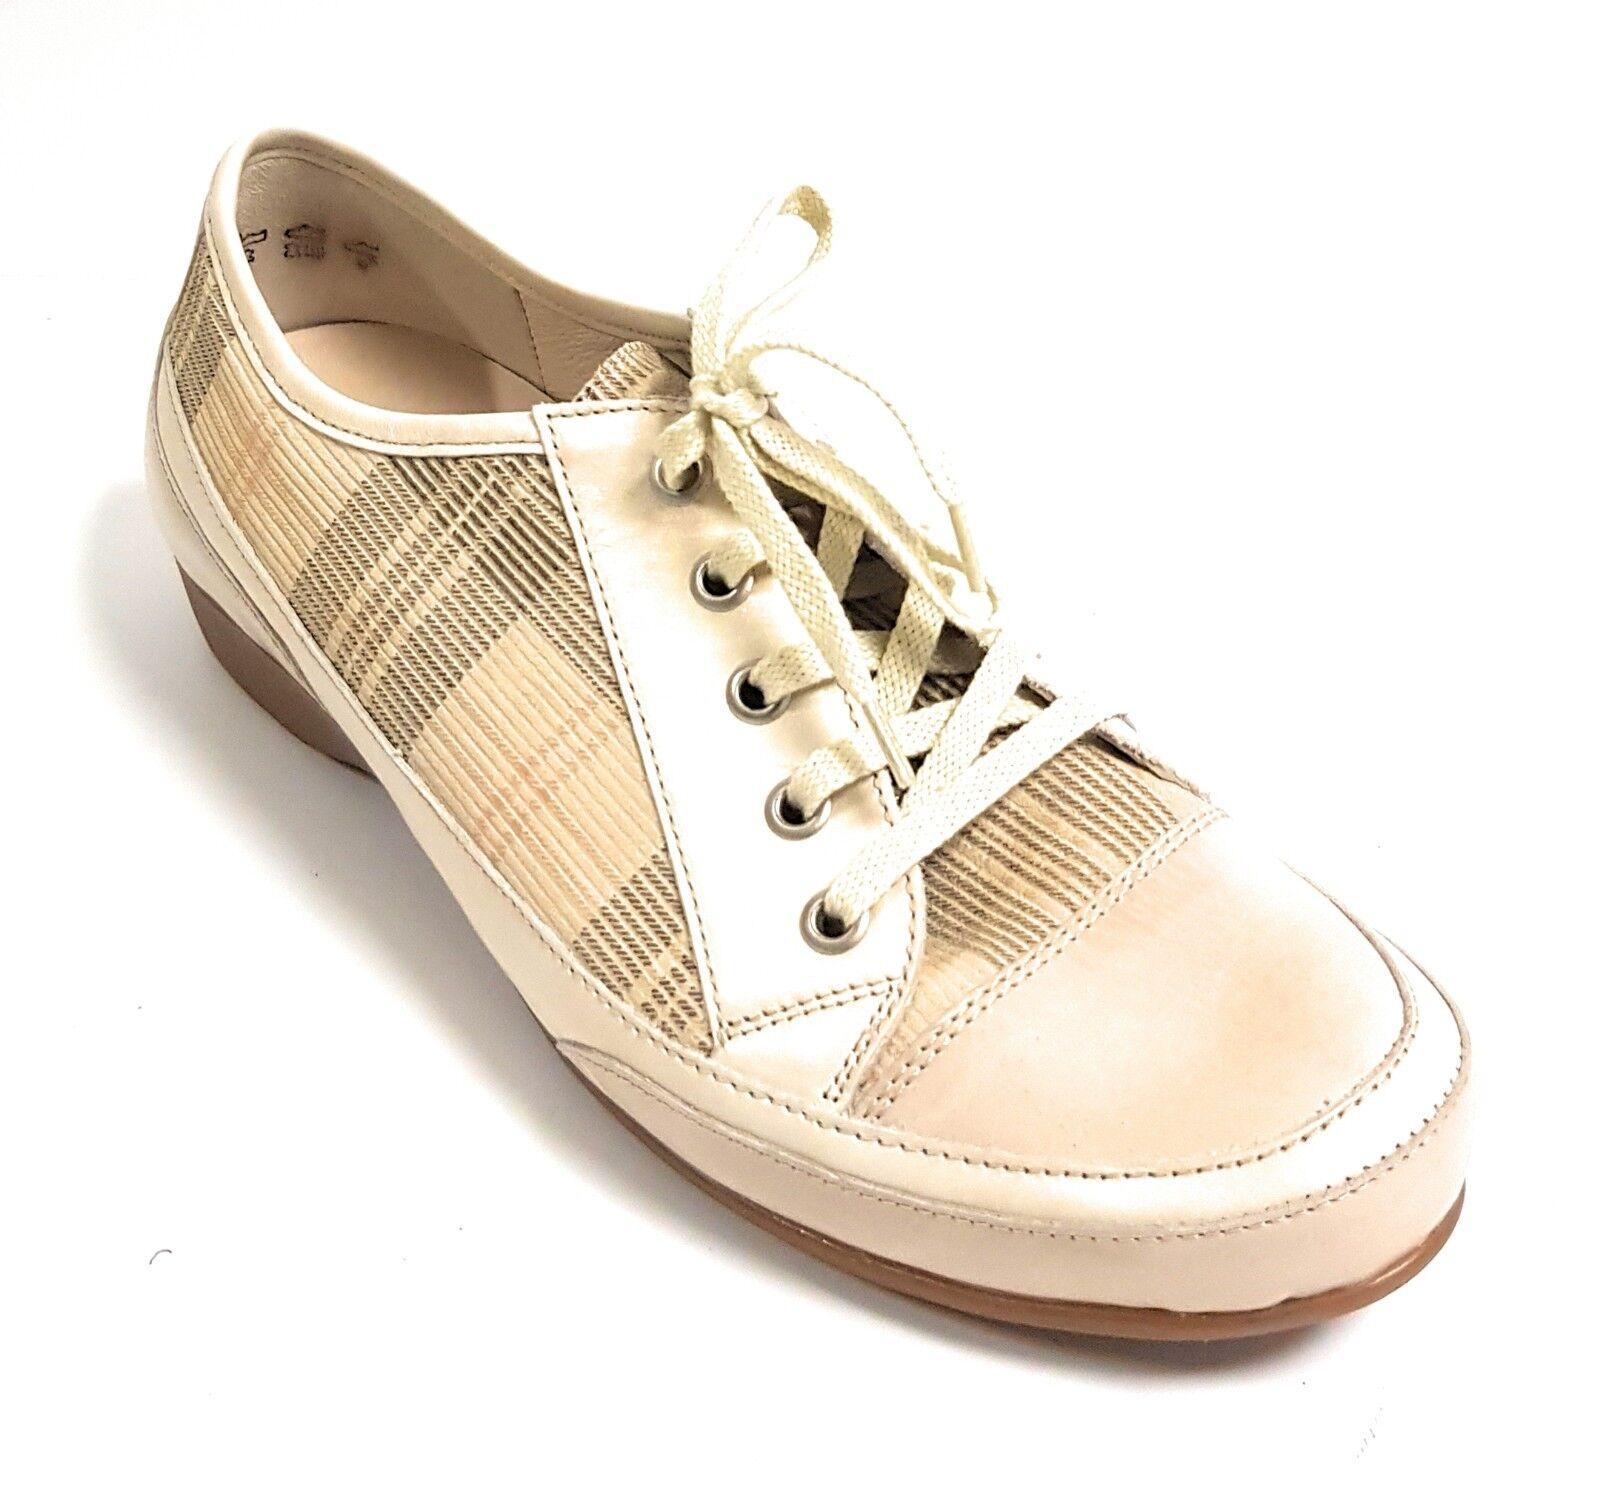 Semler Semler Semler Duffy-H Damen Schuhe Sneaker Halbschuhe Schnürer Damens Schuhes Vario-Fussbe 4bc062